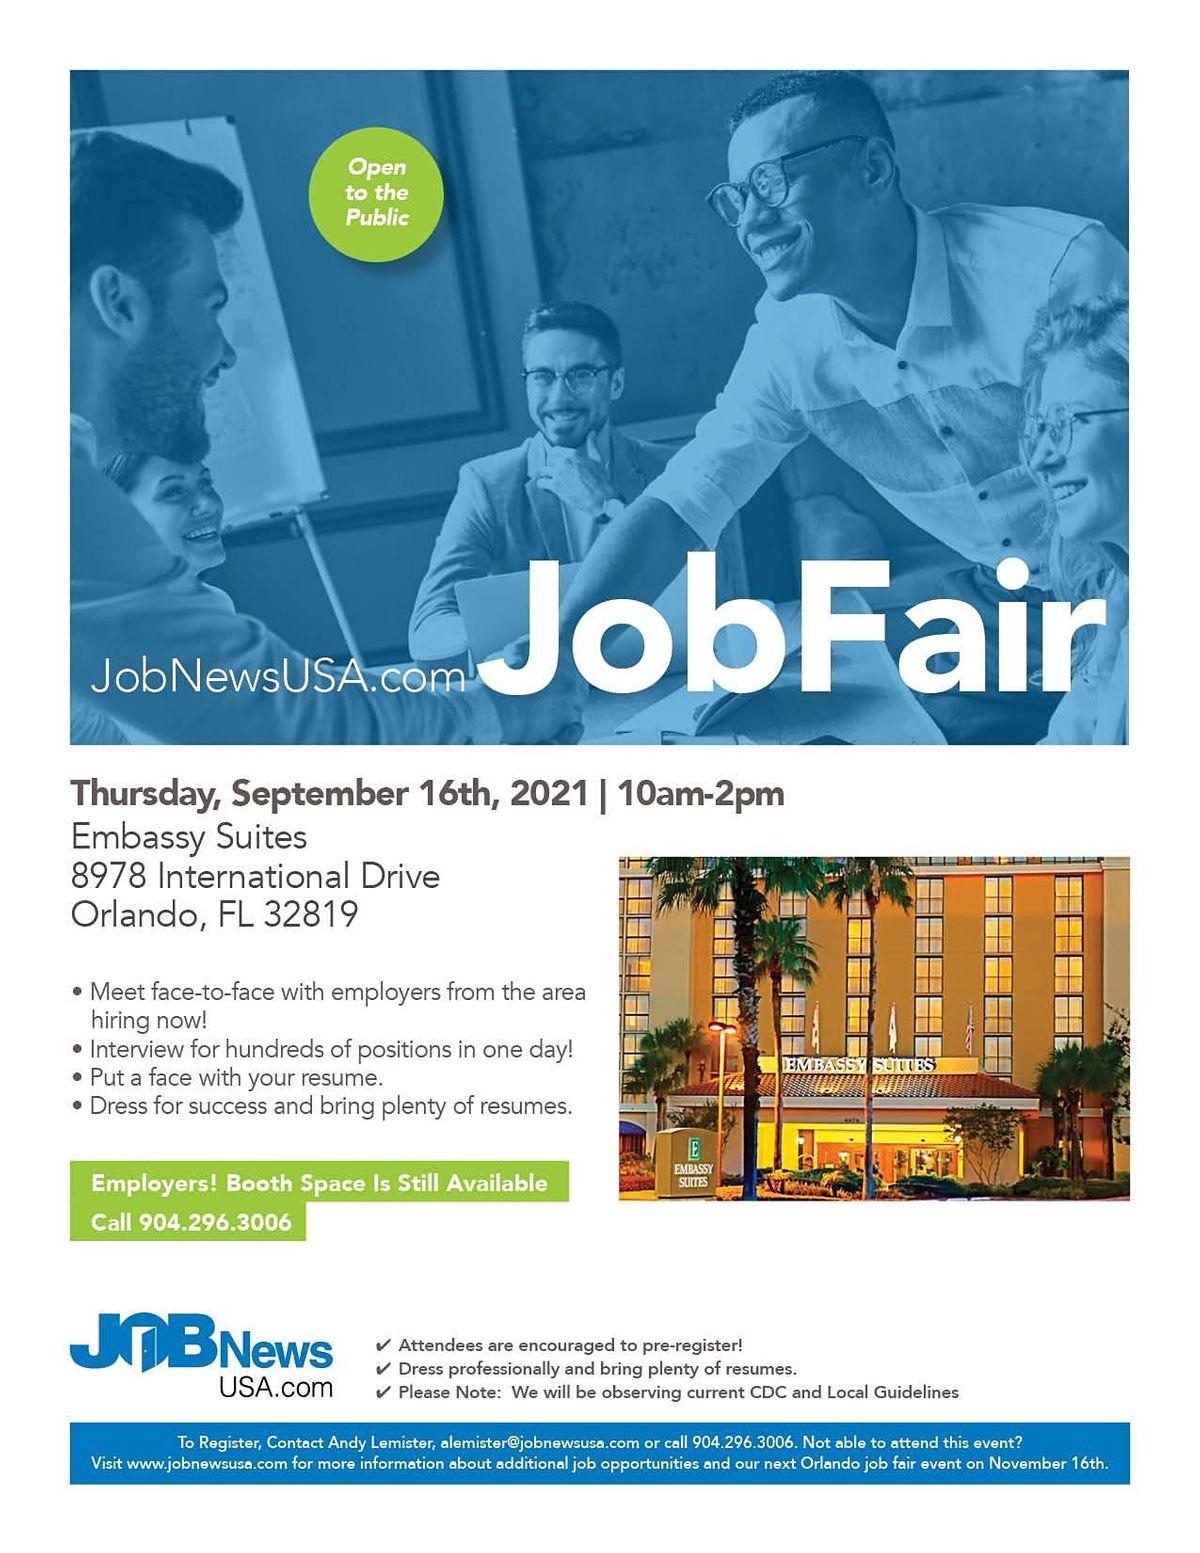 Orlando Job Fair - 100's of Jobs Available on September 16th